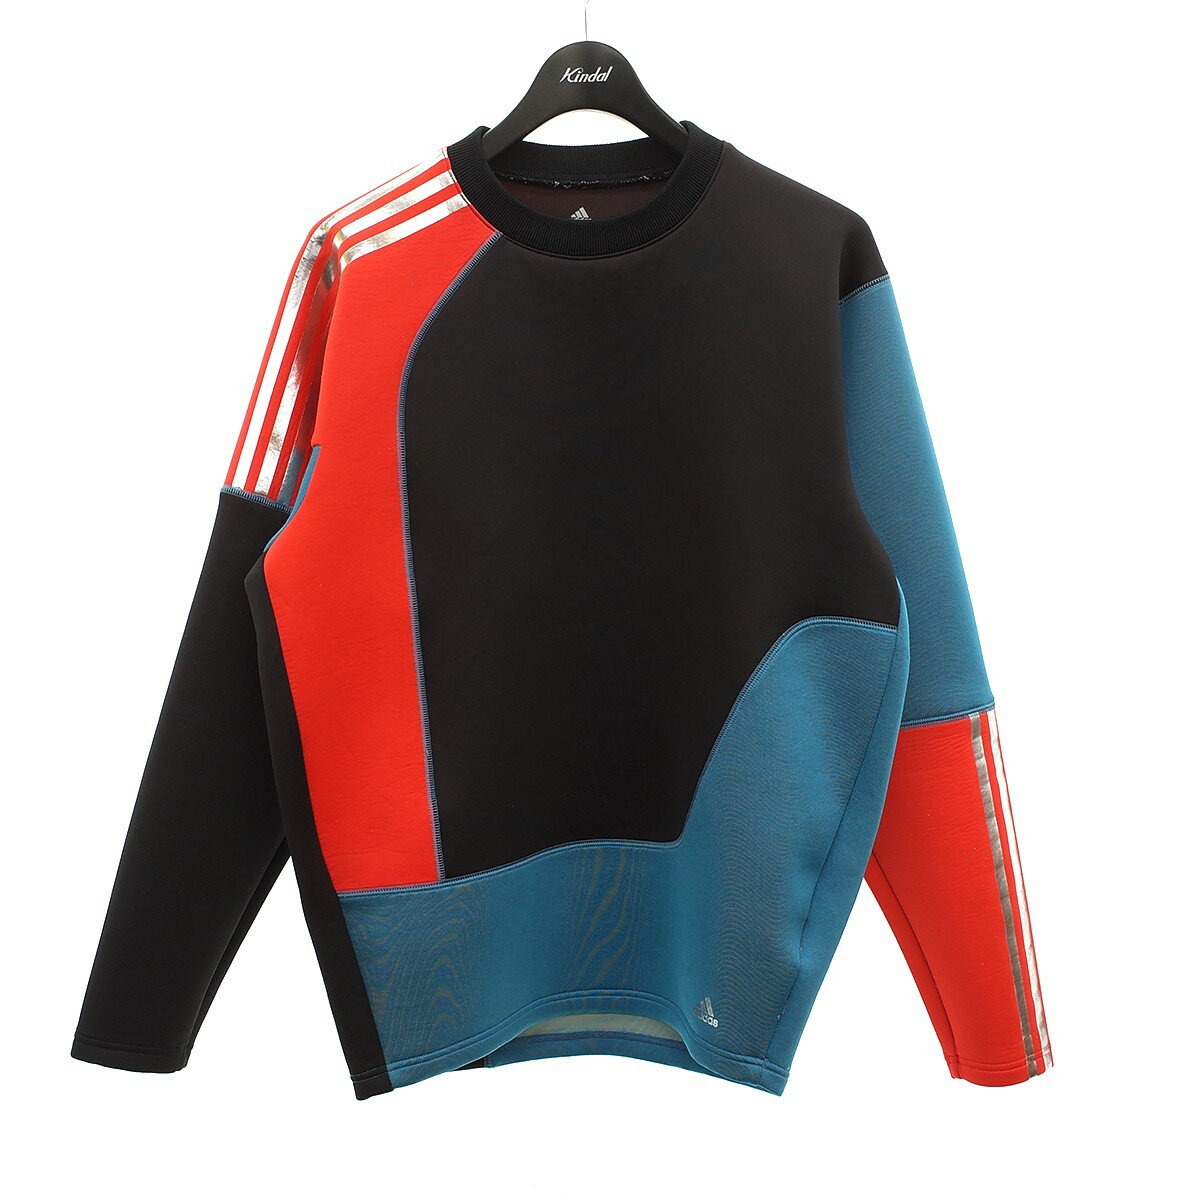 トップス, スウェット・トレーナー adidas by kolor Spacer M 300821